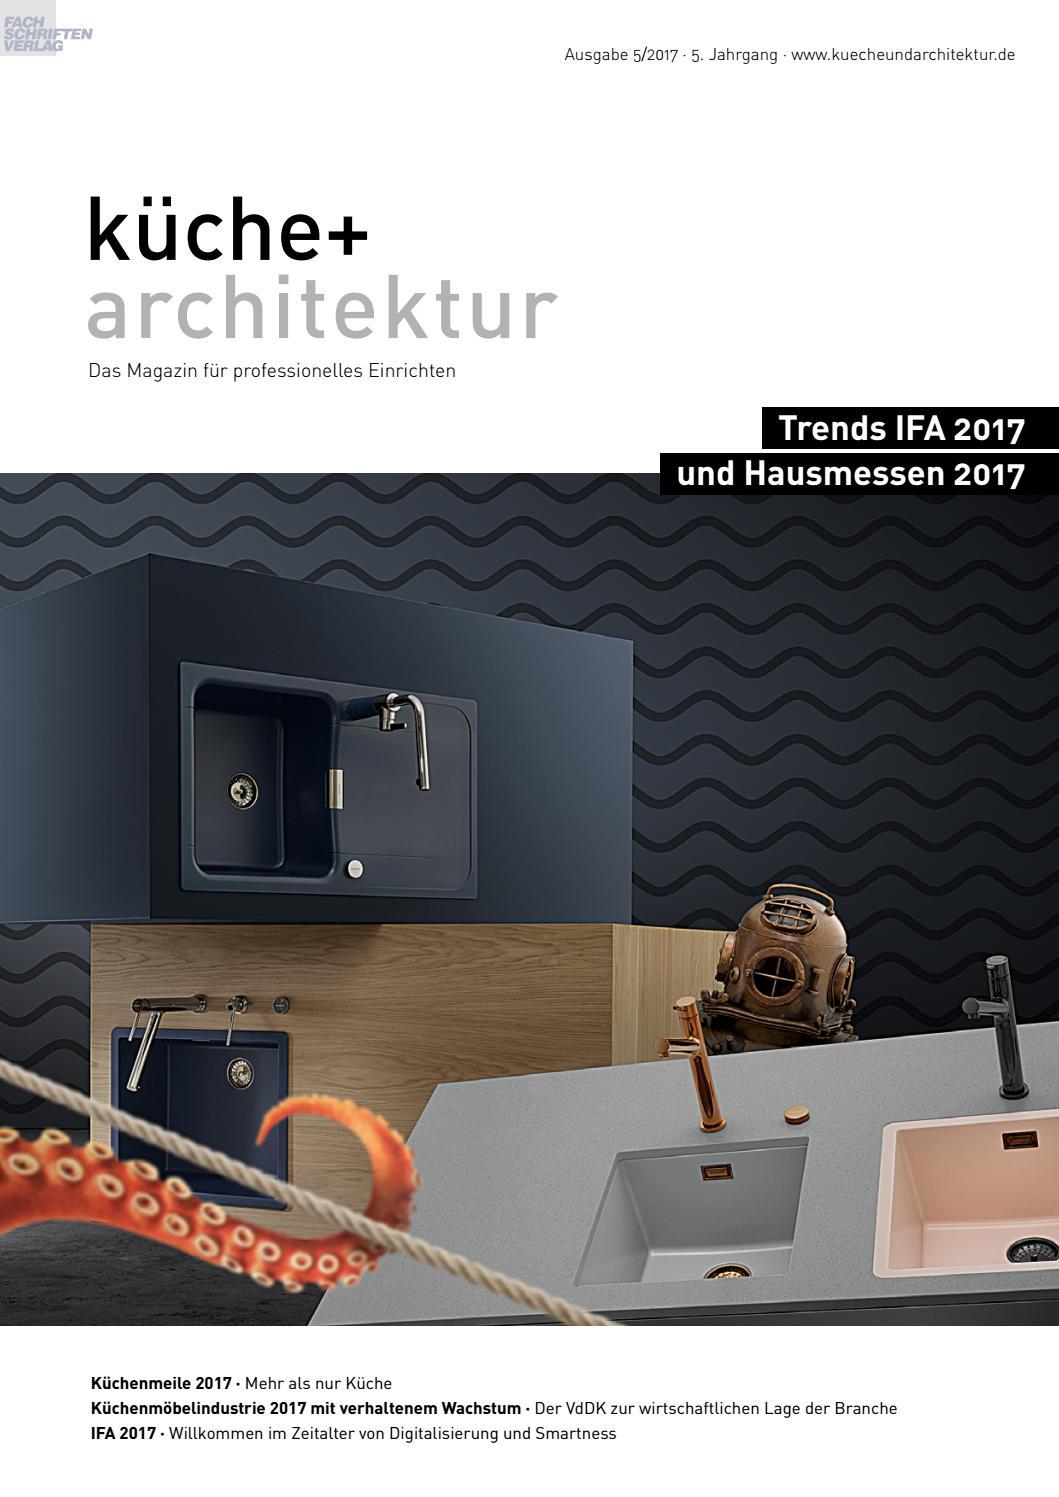 Full Size of Ausstellungsküchen Ikea Schweiz Kche Architektur 5 2017 By Fachschriften Verlag Schweizer Hof Bad Füssing Betten 160x200 Miniküche Sofa Mit Schlaffunktion Wohnzimmer Ausstellungsküchen Ikea Schweiz